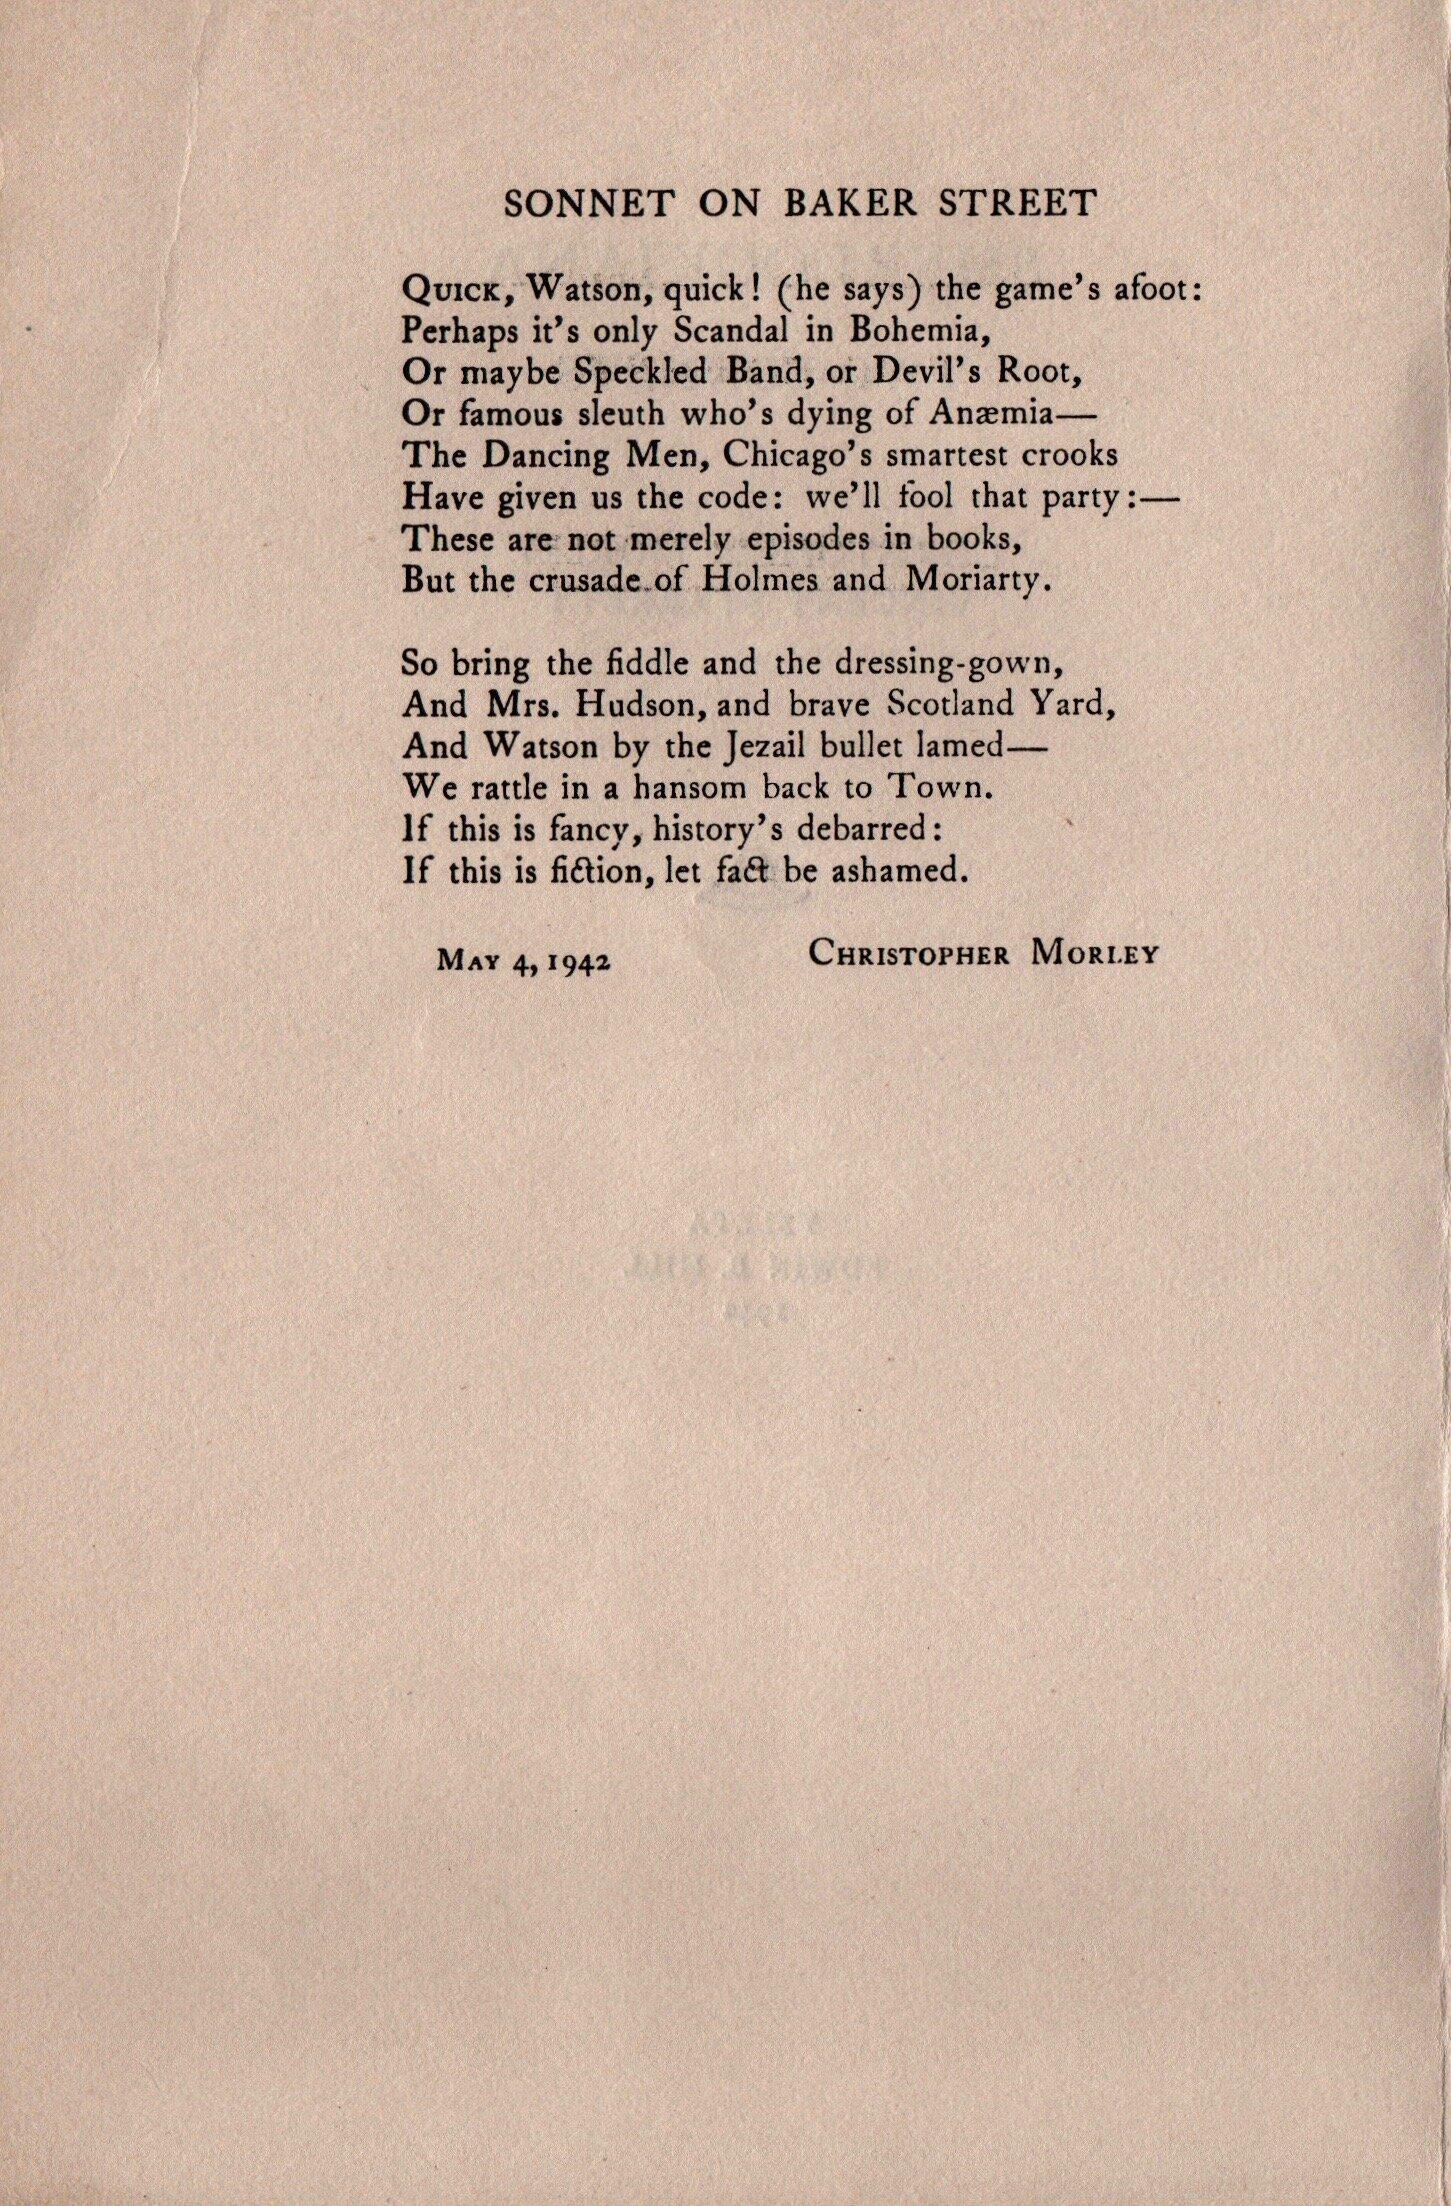 Two Sonnets Inside 2.jpeg